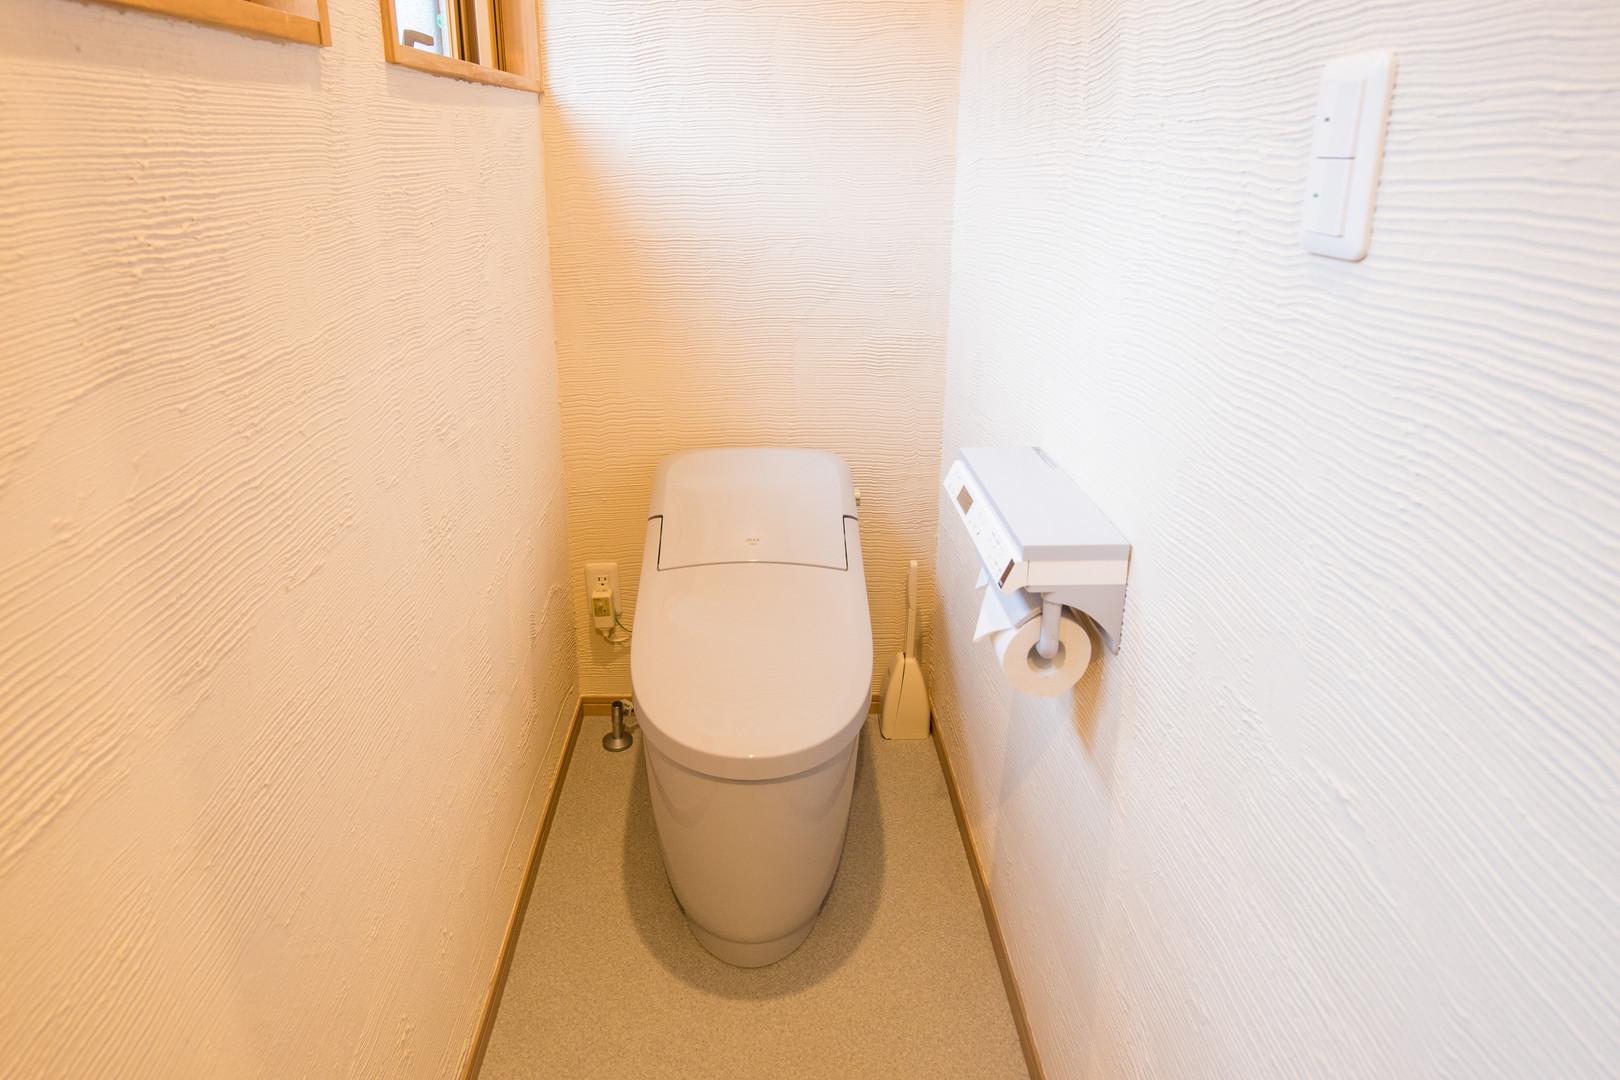 1Fの共用トイレ